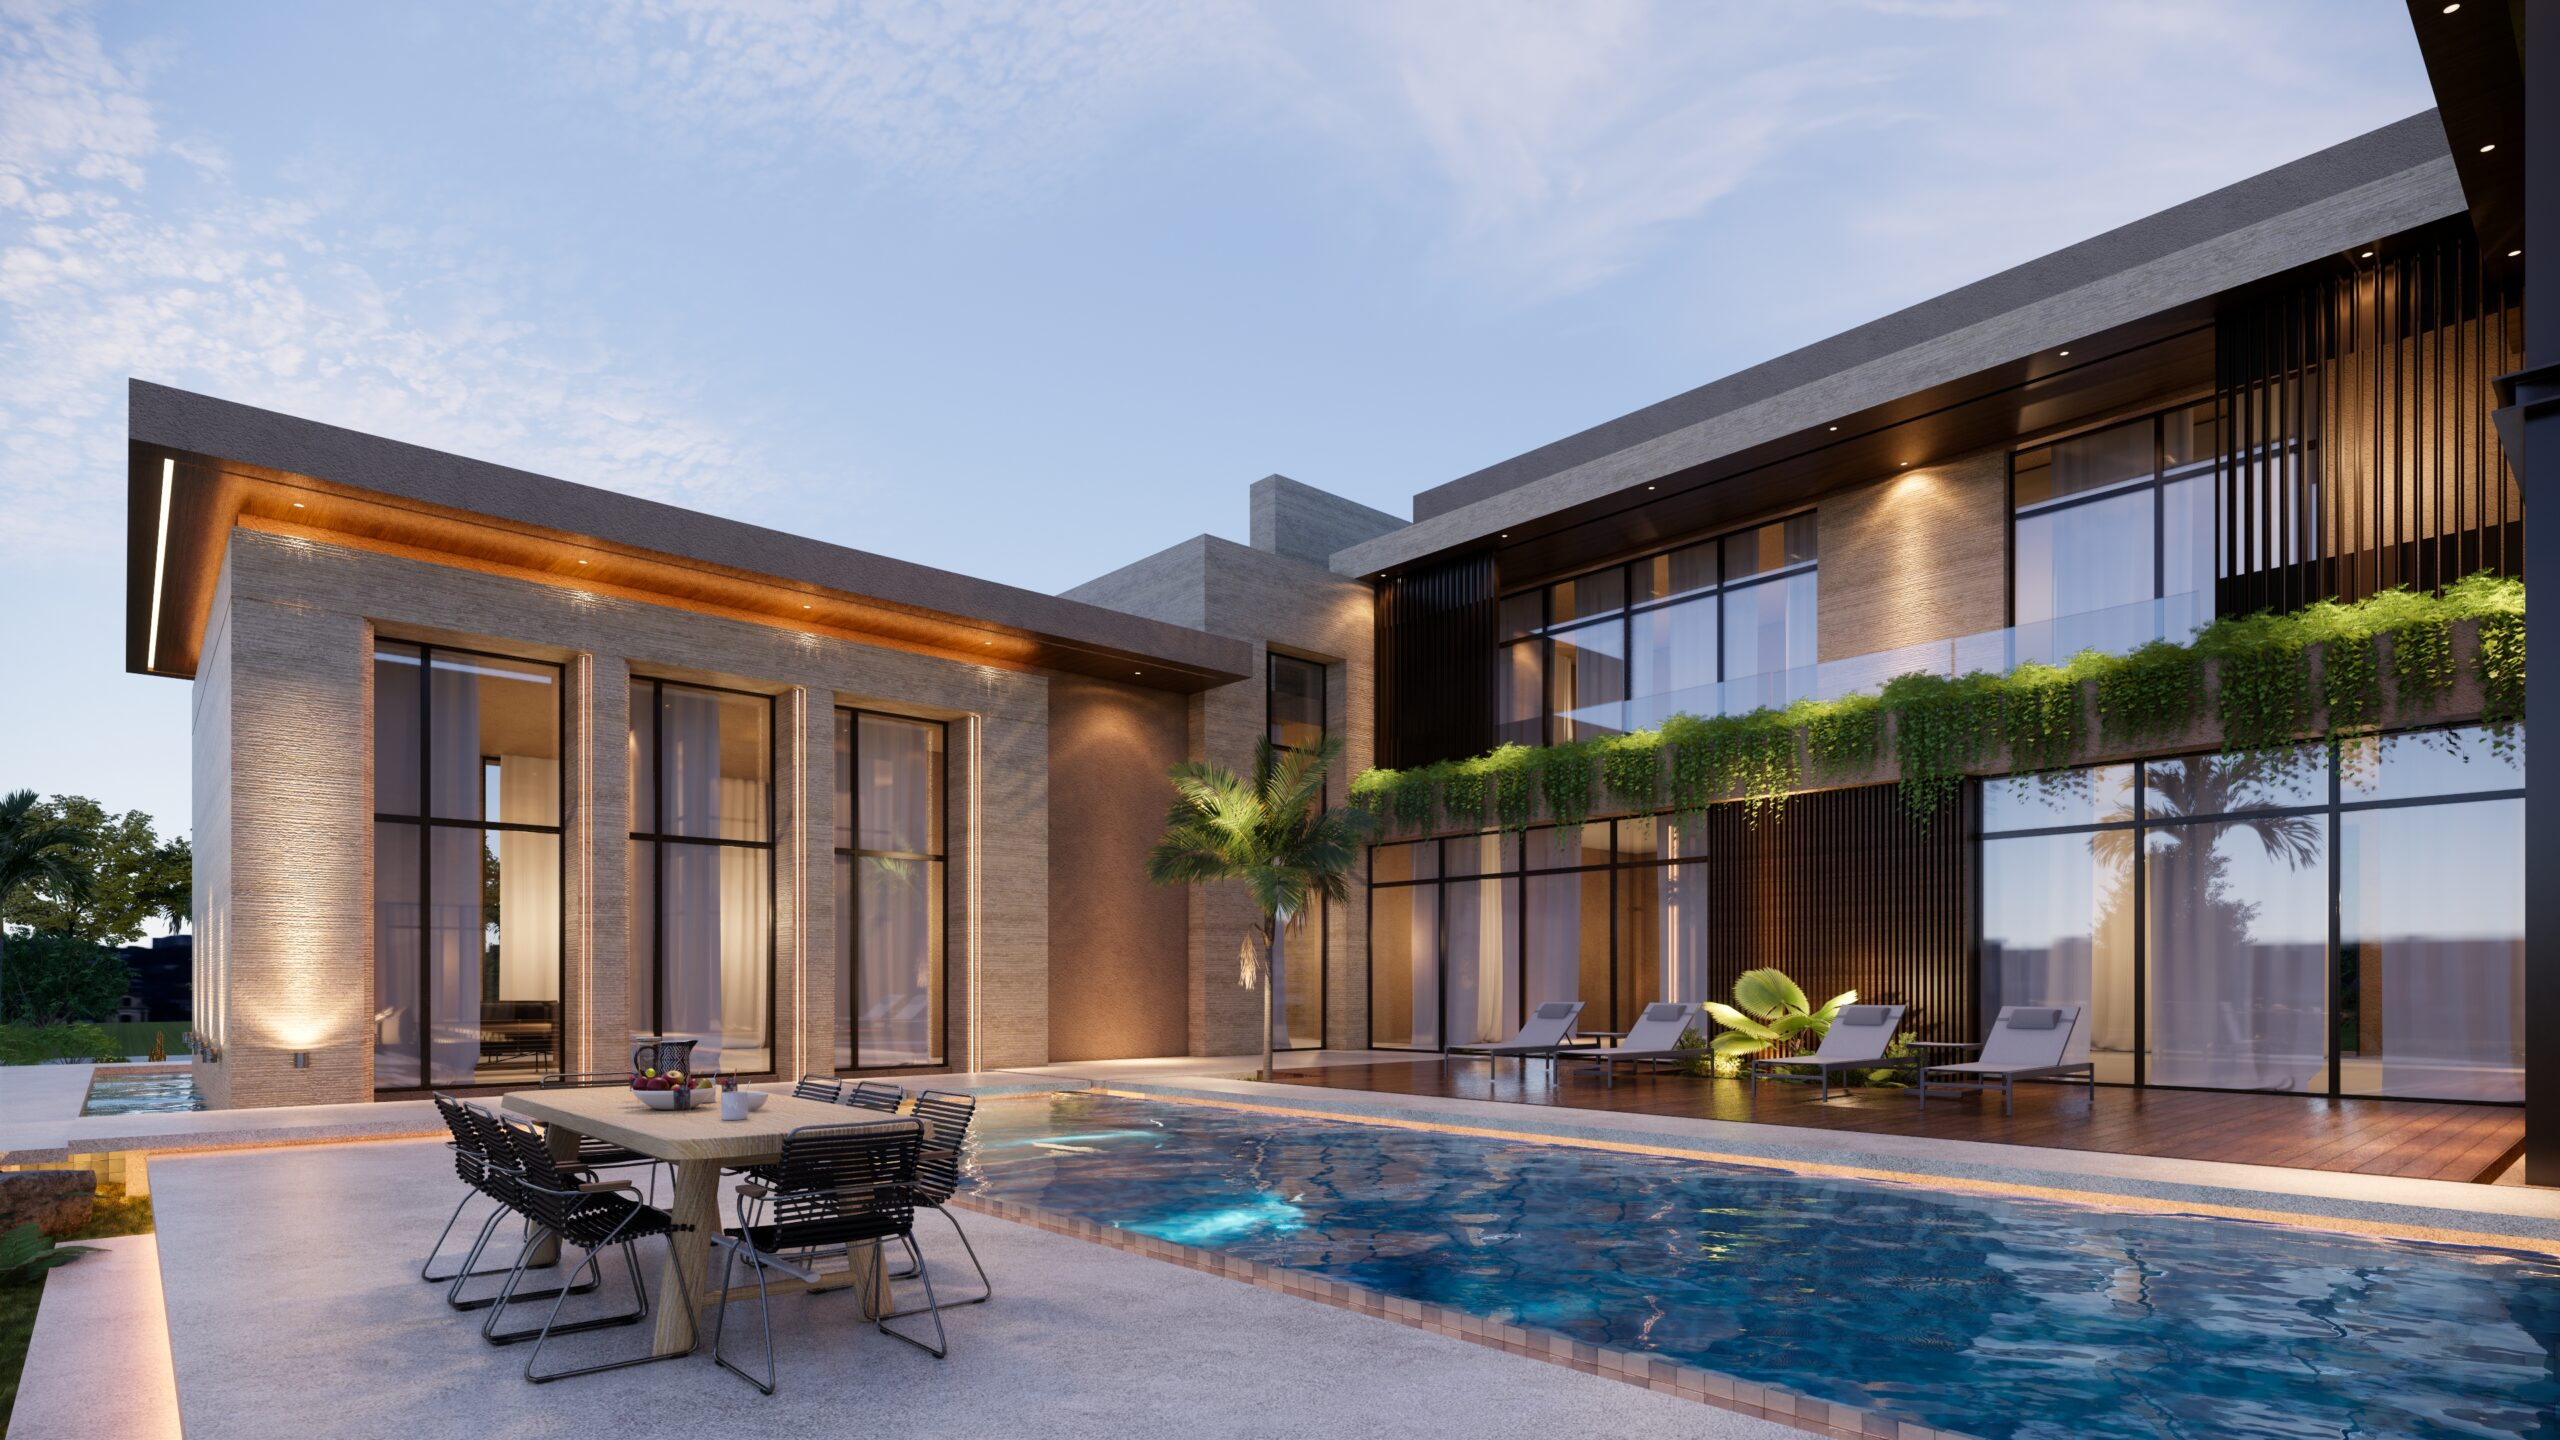 A. Alhosani, DBX, UAE